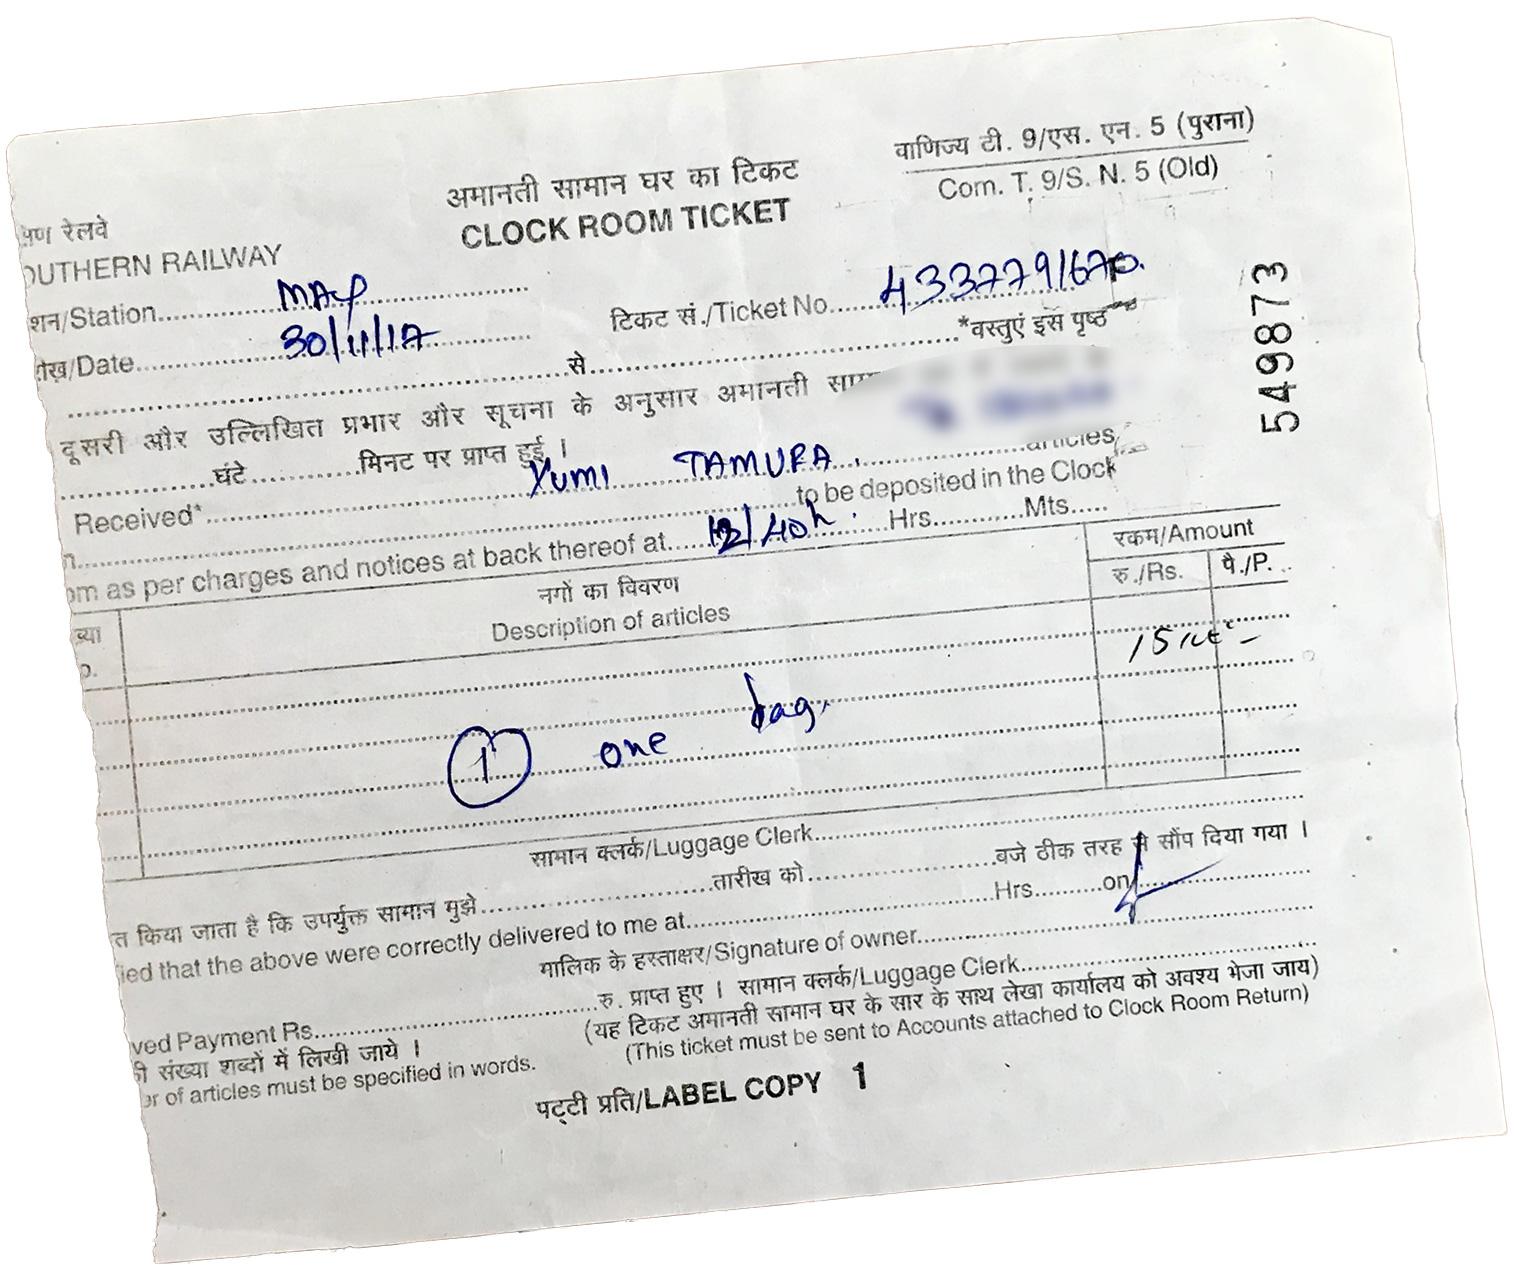 カルナタカ州マンガロール駅クロークルーム利用の控え